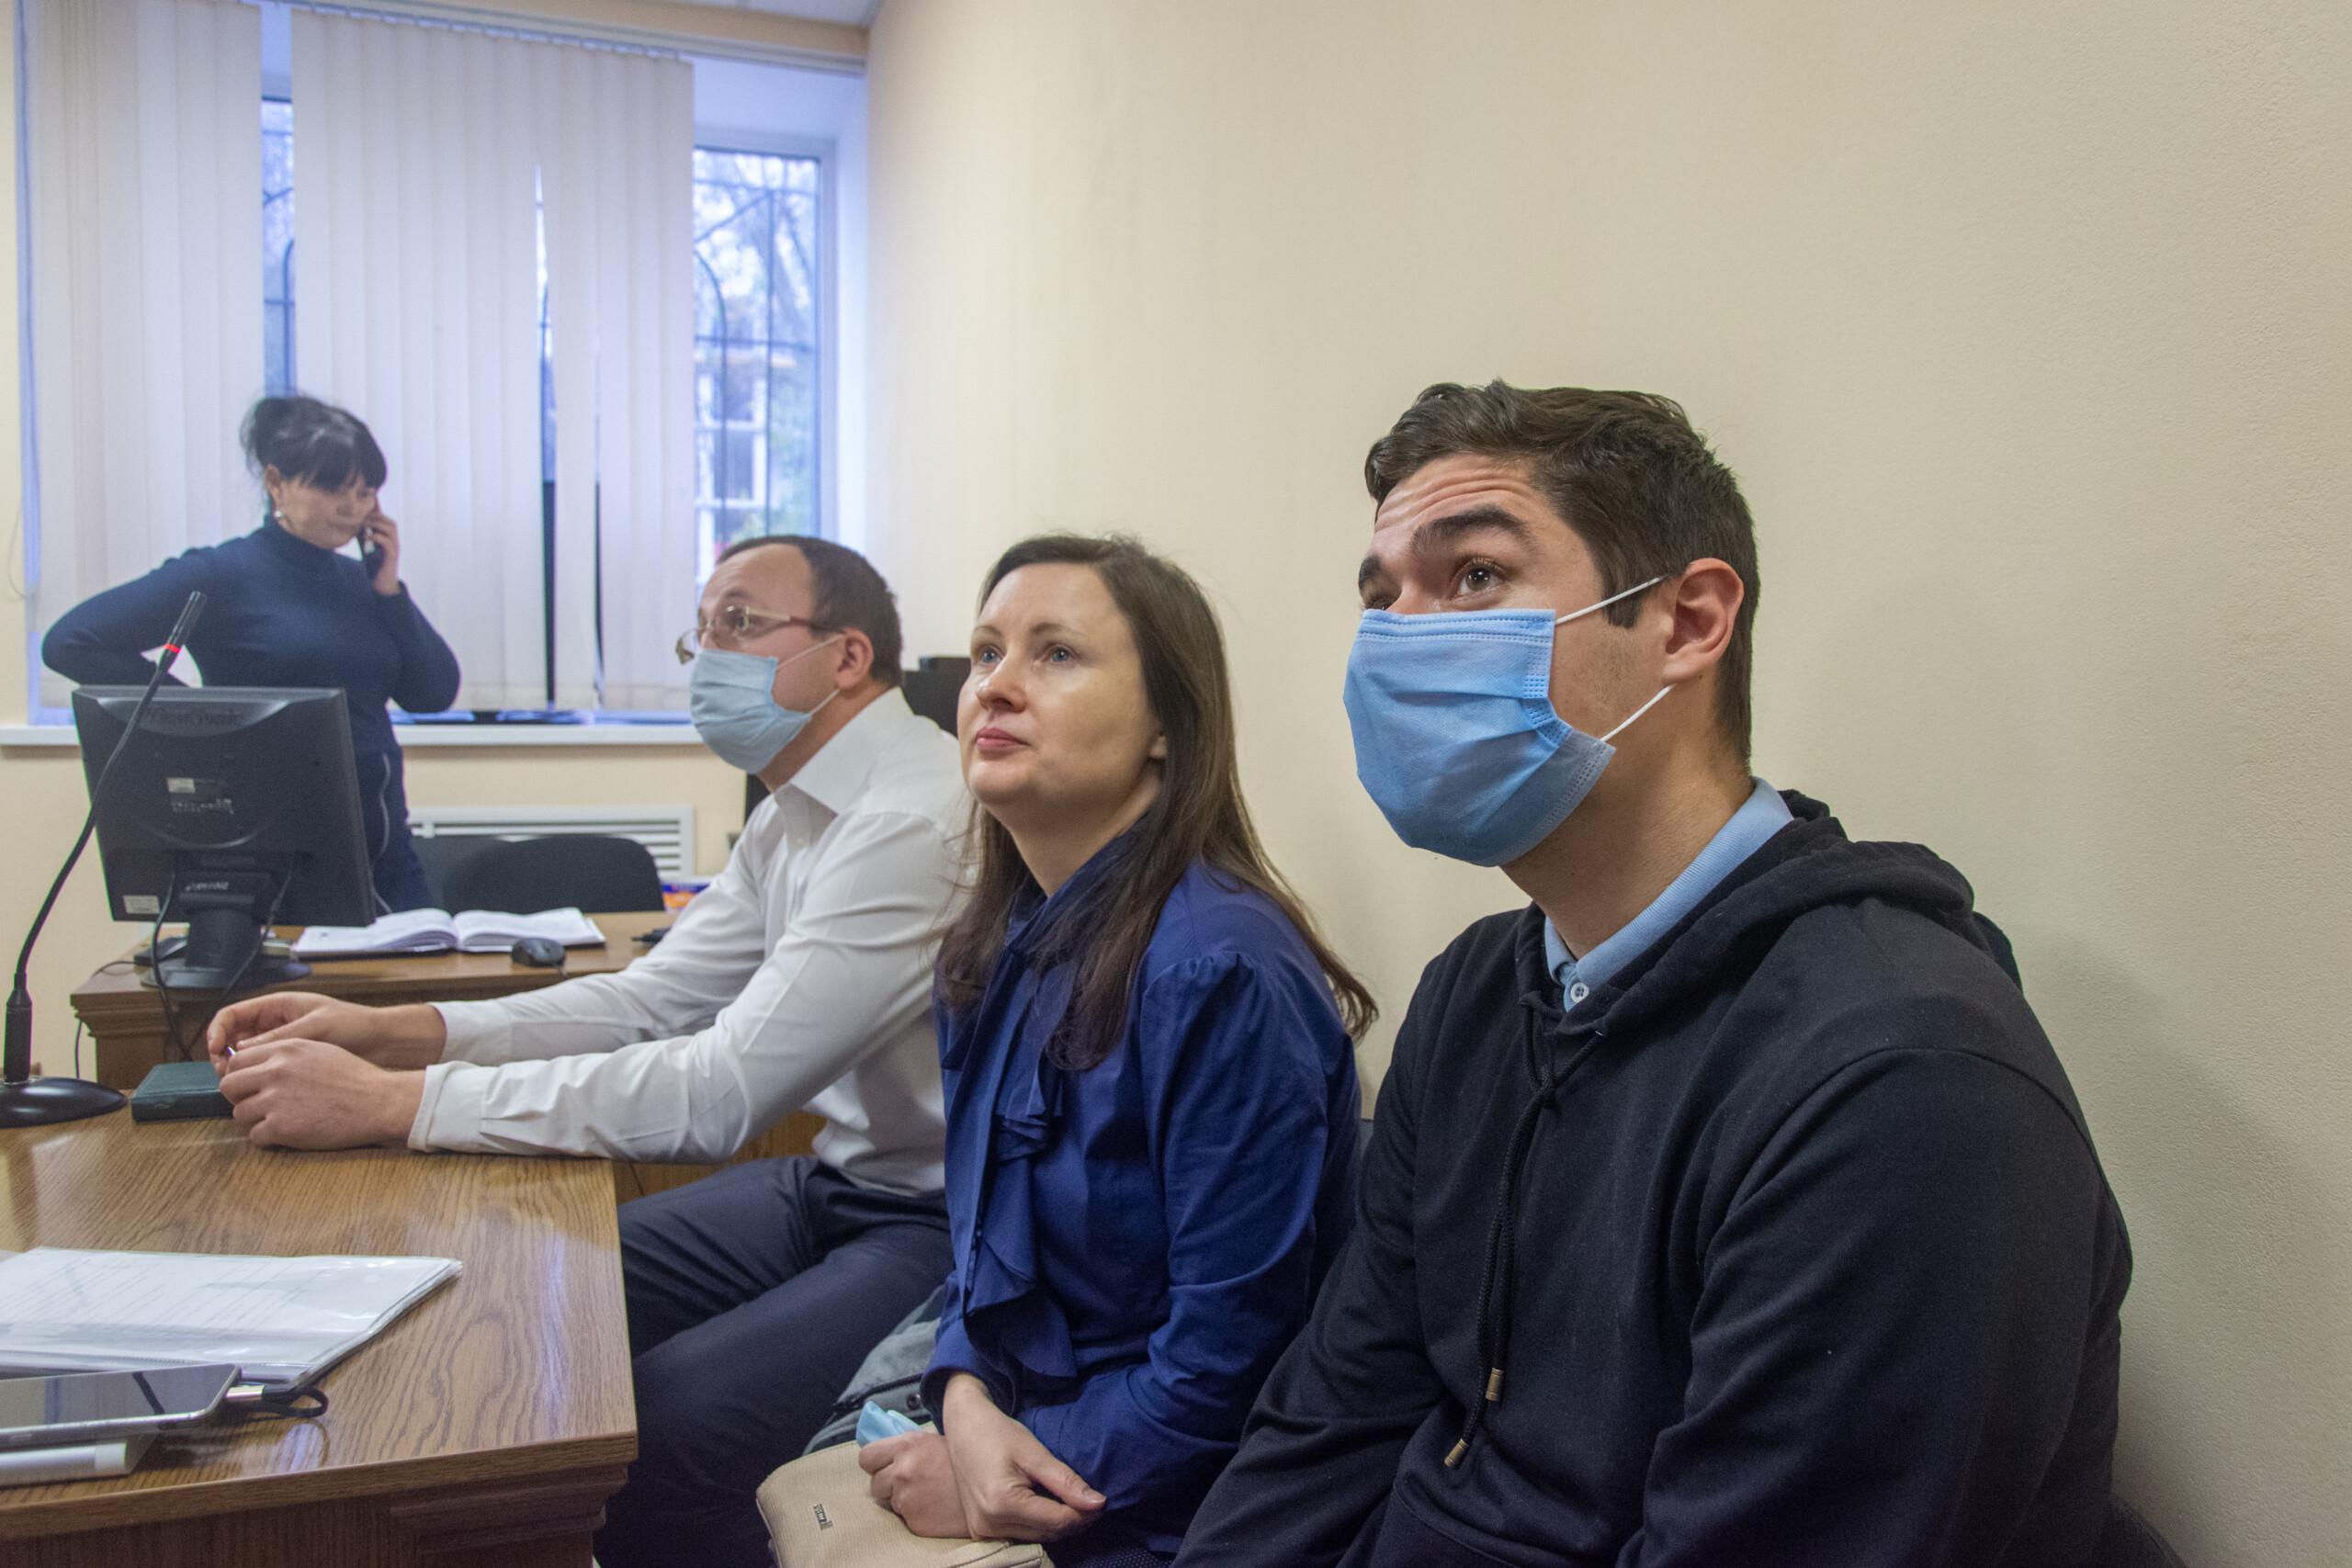 Віталій Устименко у суді. Фото: Максим Пшибишевський